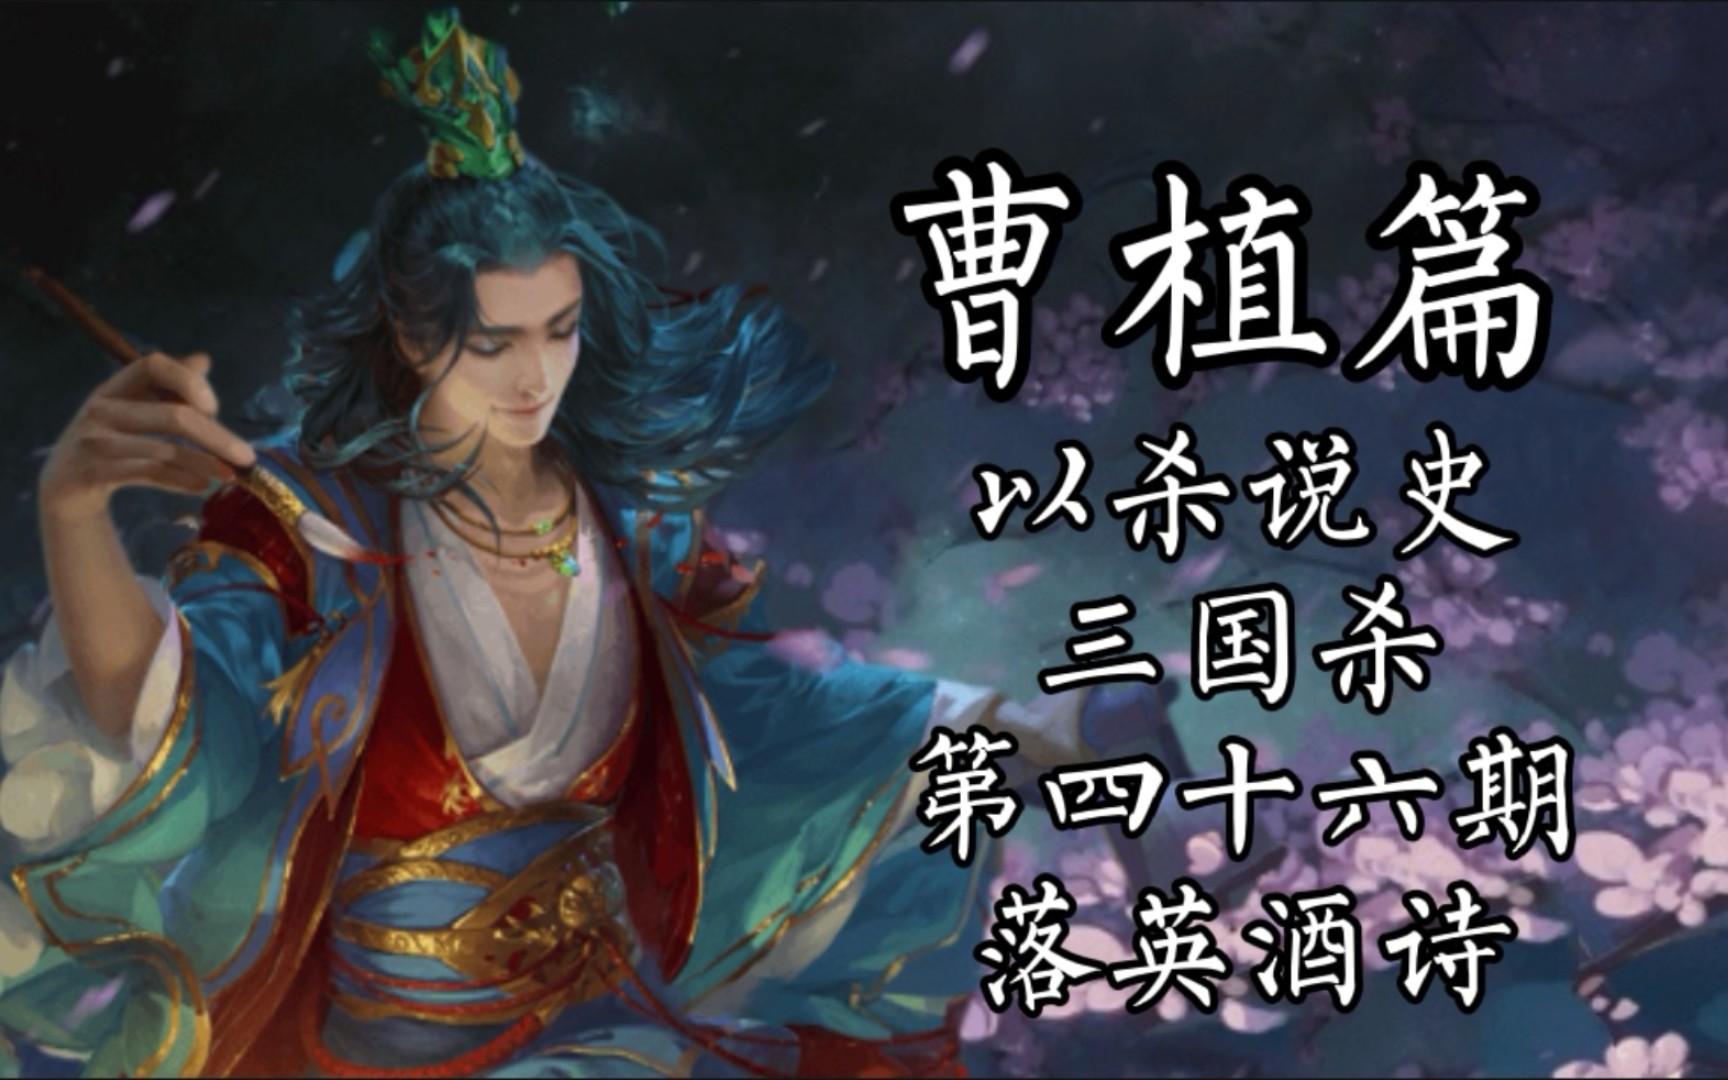 【以杀说史/三国杀台词相关/曹植】饮酒成赋,七步成诗!